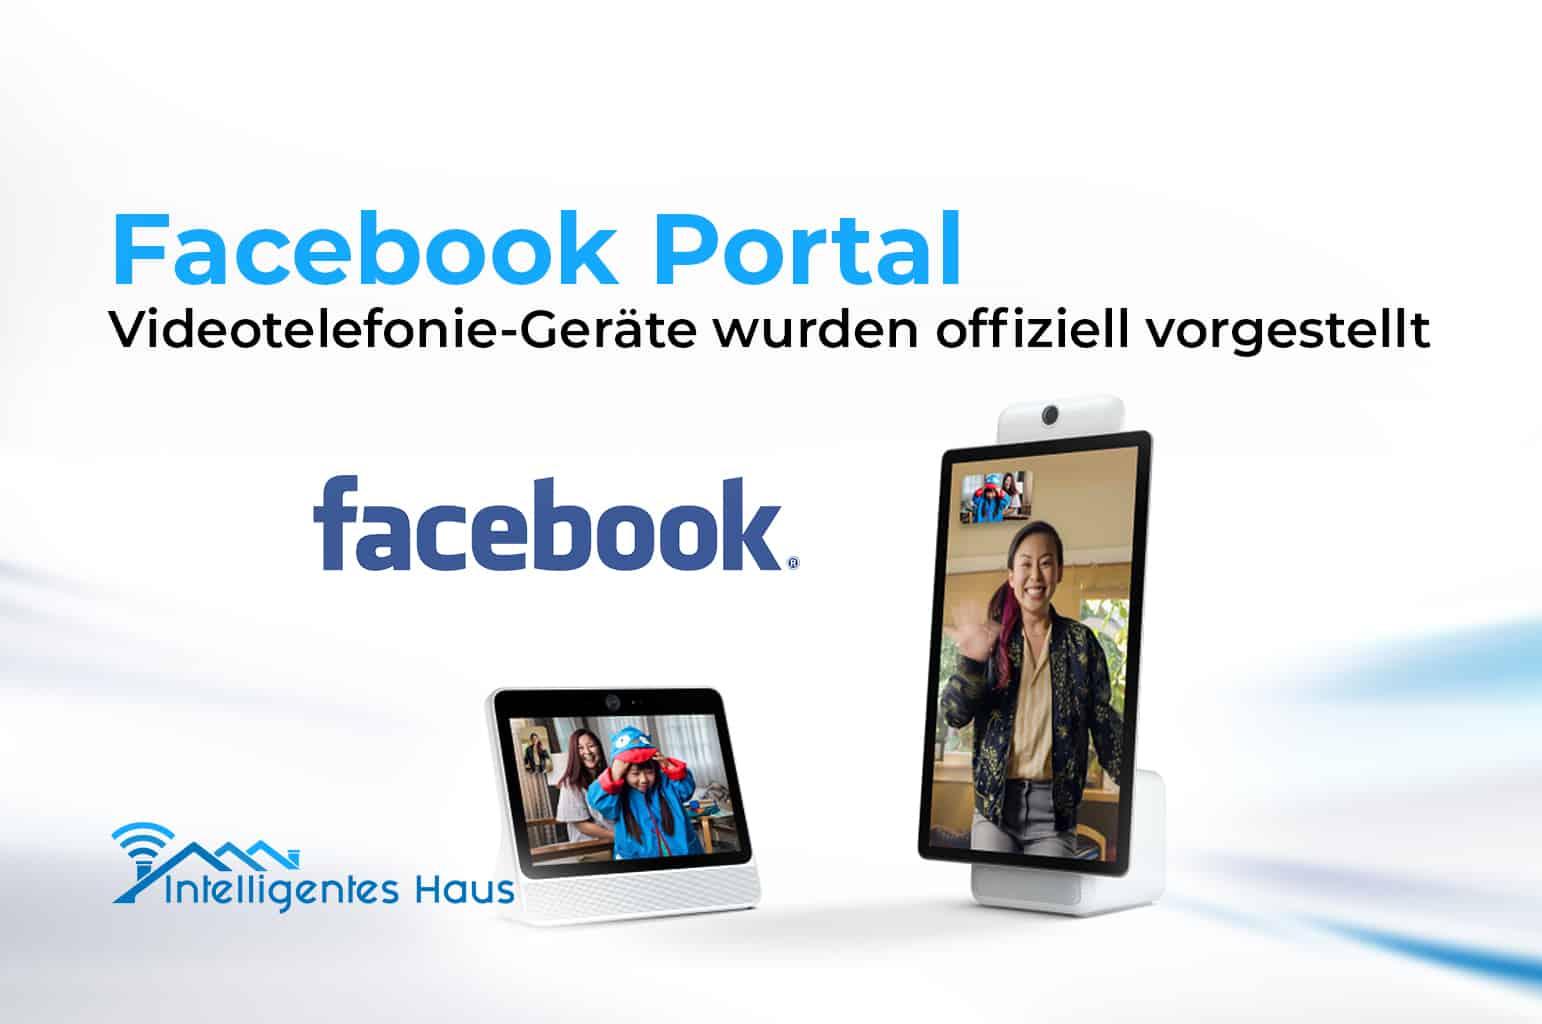 Videotelefonie Facebook